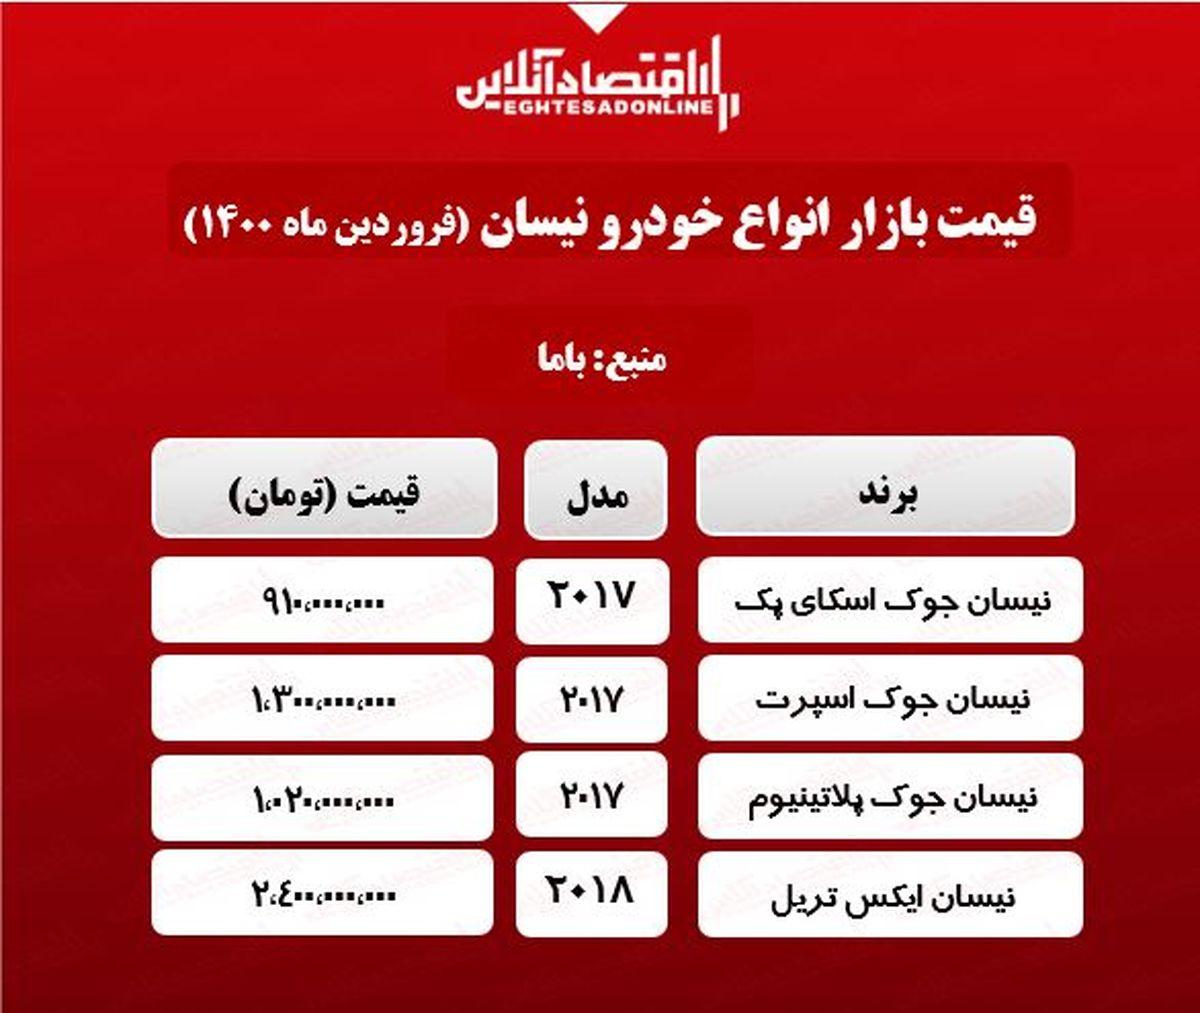 قیمت نیسان در هفته دوم فروردین ماه +جدول